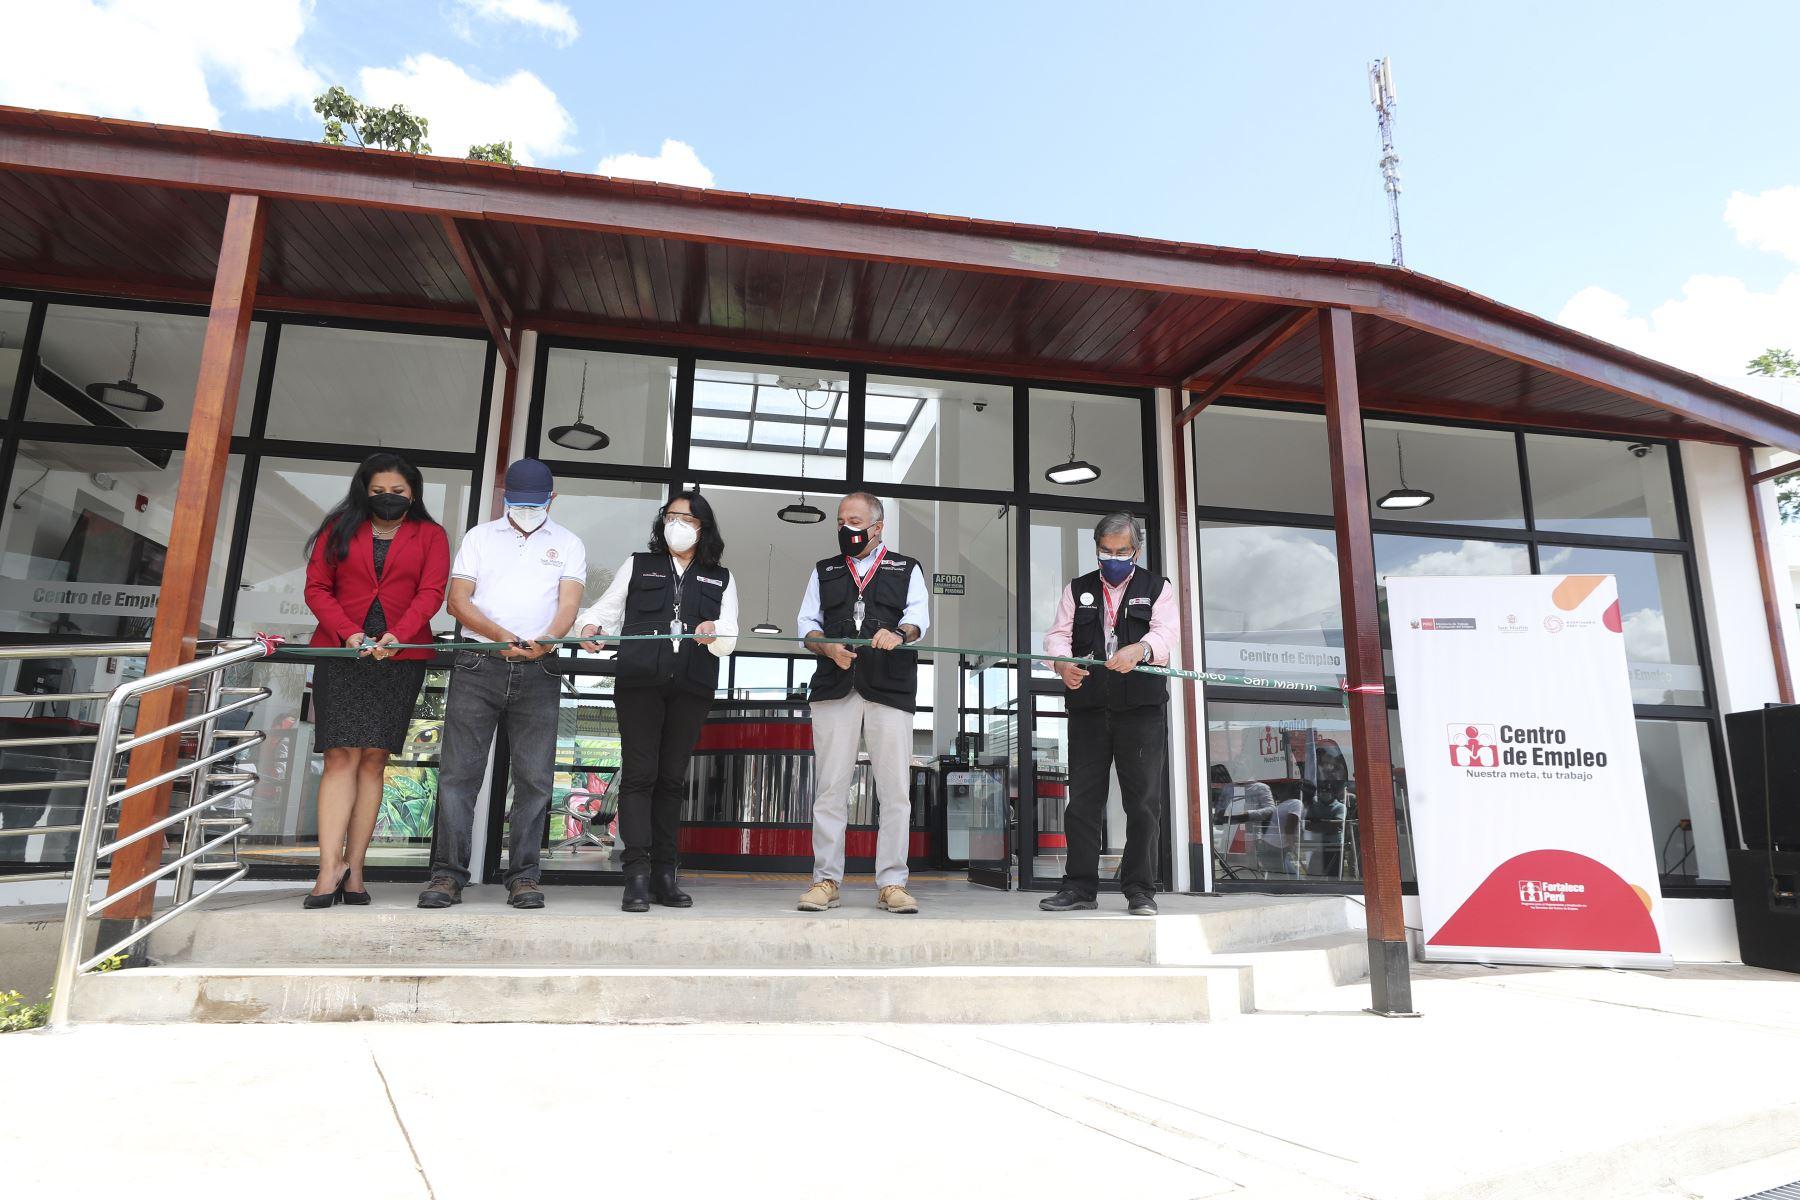 La jefa del Gabinete, Violeta Bermúdez, junto al ministro de Trabajo, Javier Palacios Gallegos y el ministro de Salud, Oscar Ugarte, inauguran Centro de Empleo de Moyobamba, en la región San Martín. Foto: ANDINA/MTPE